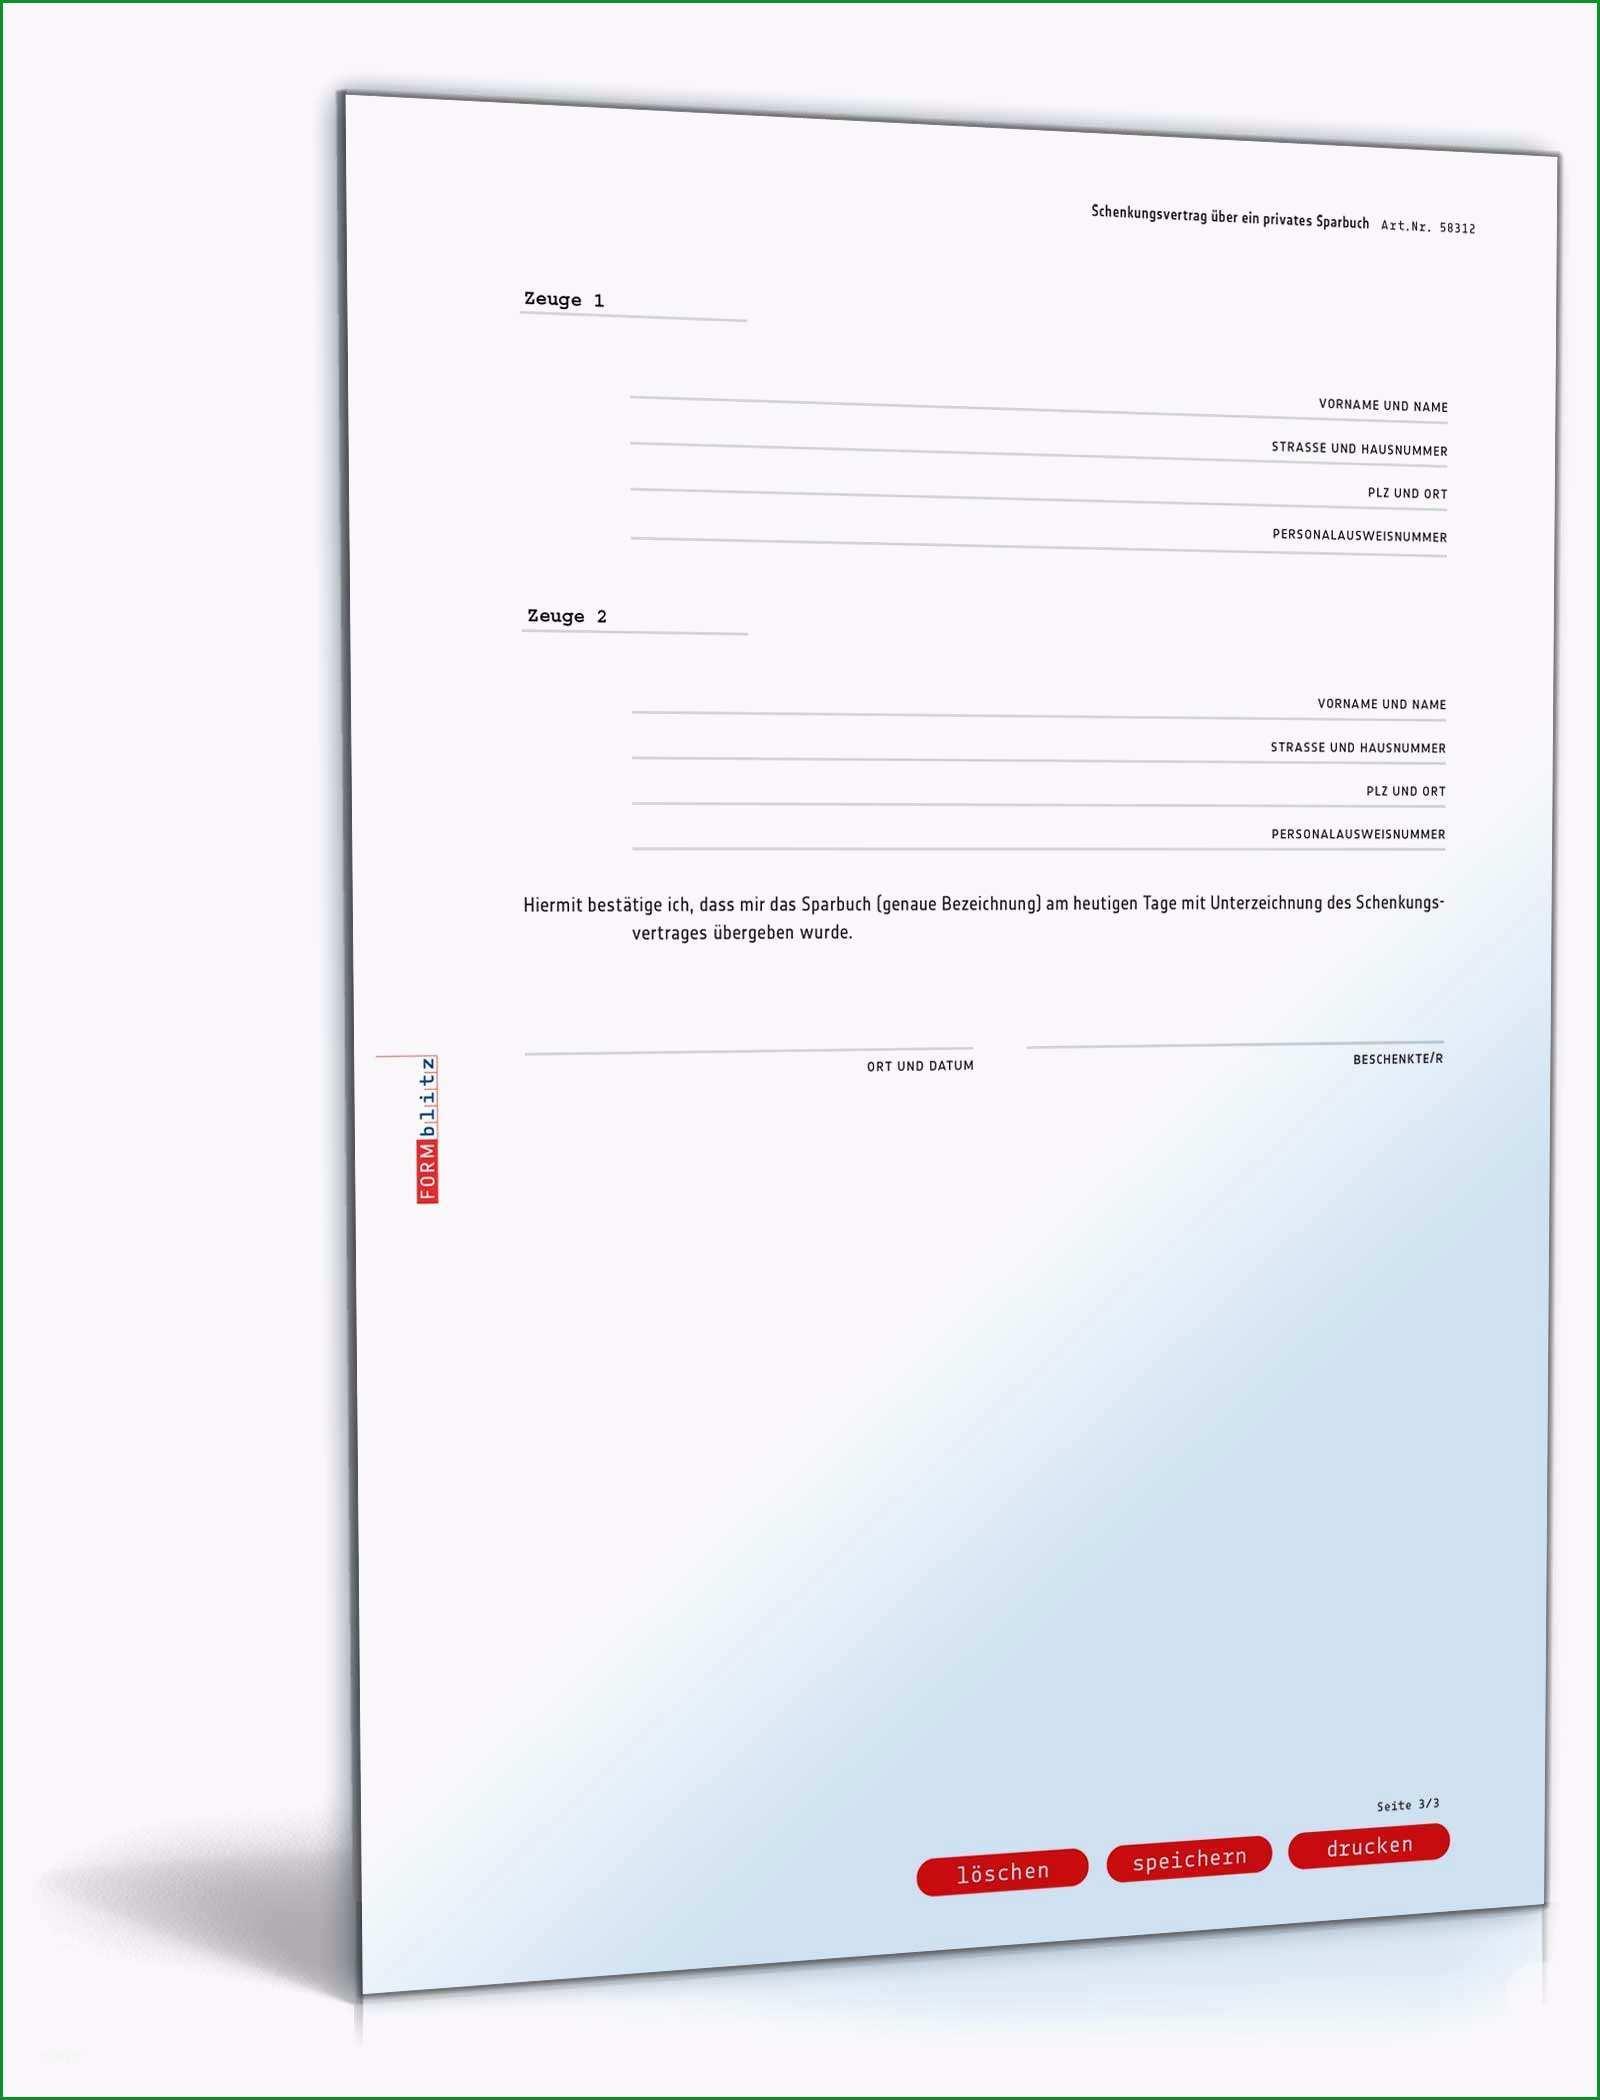 schenkungsvertrag ueber ein sparbuch